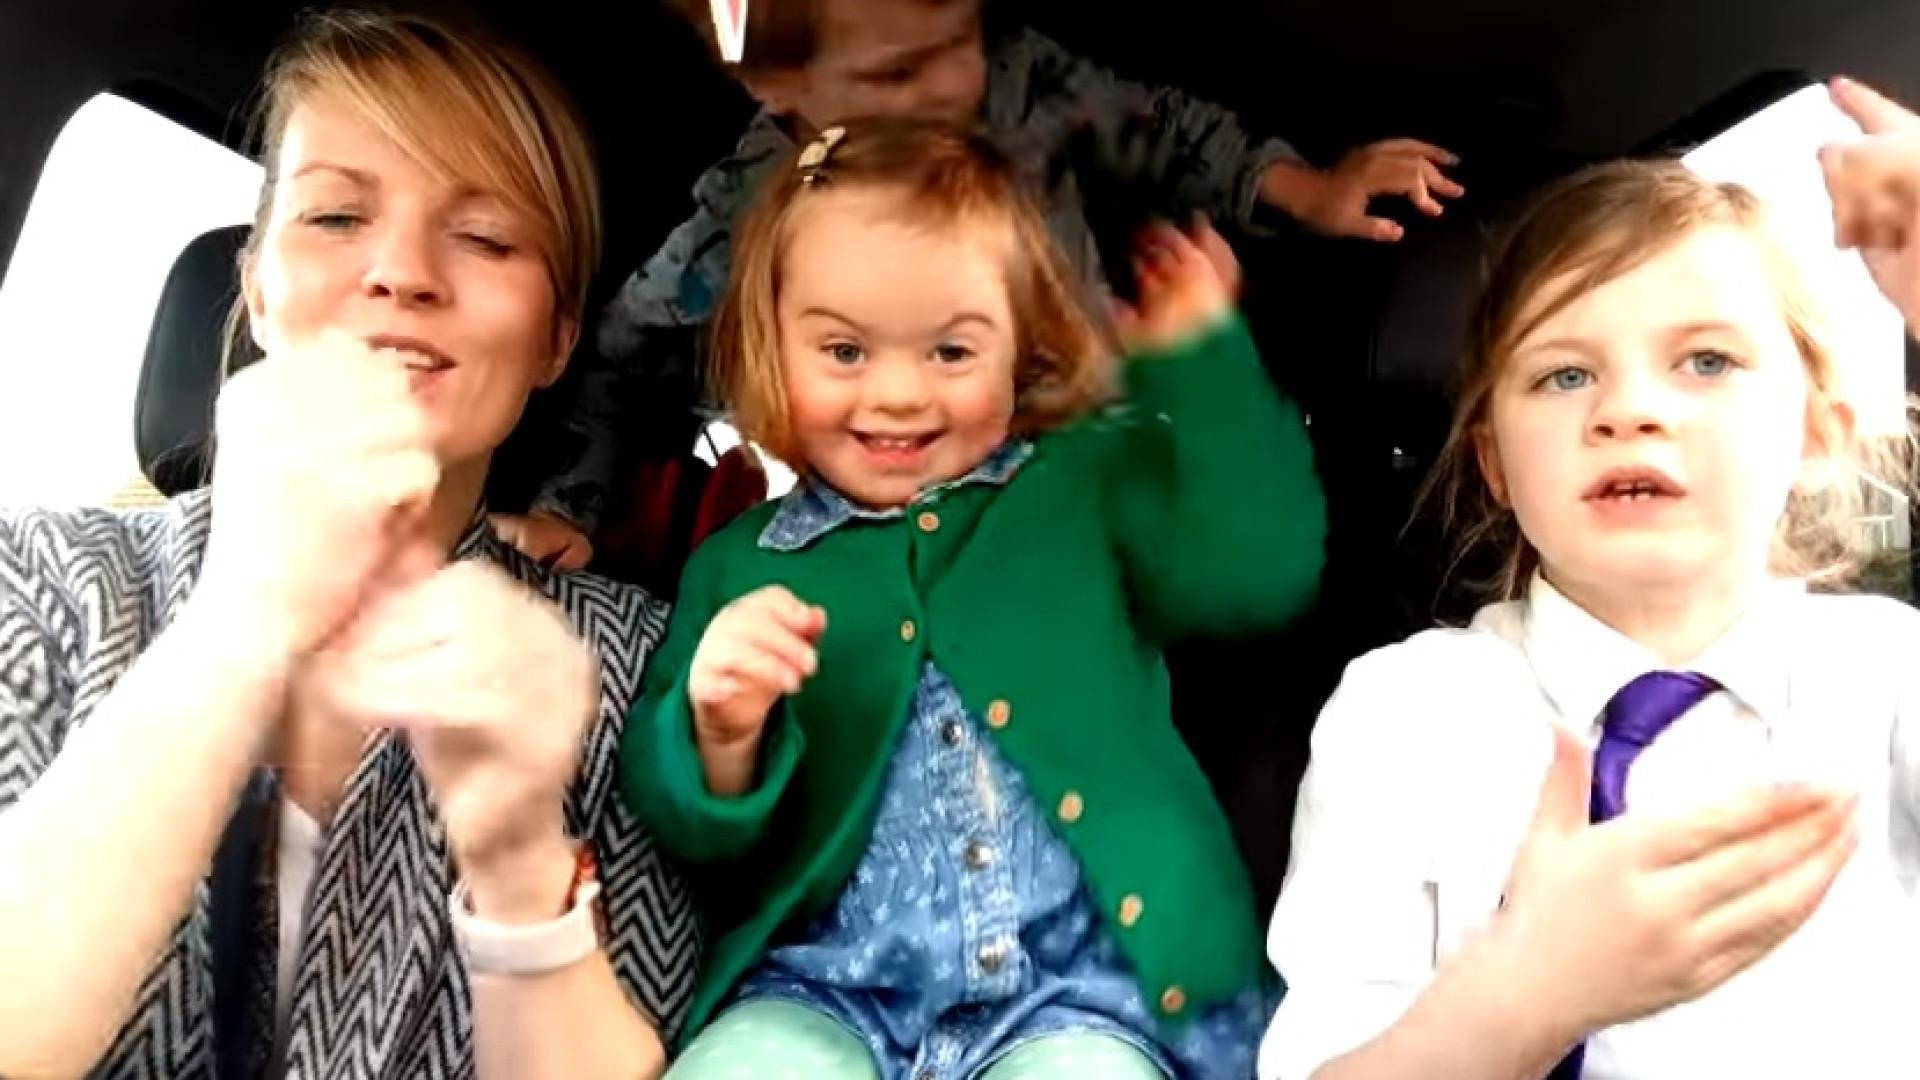 Crianças com Síndrome de Down derretem corações em campanha